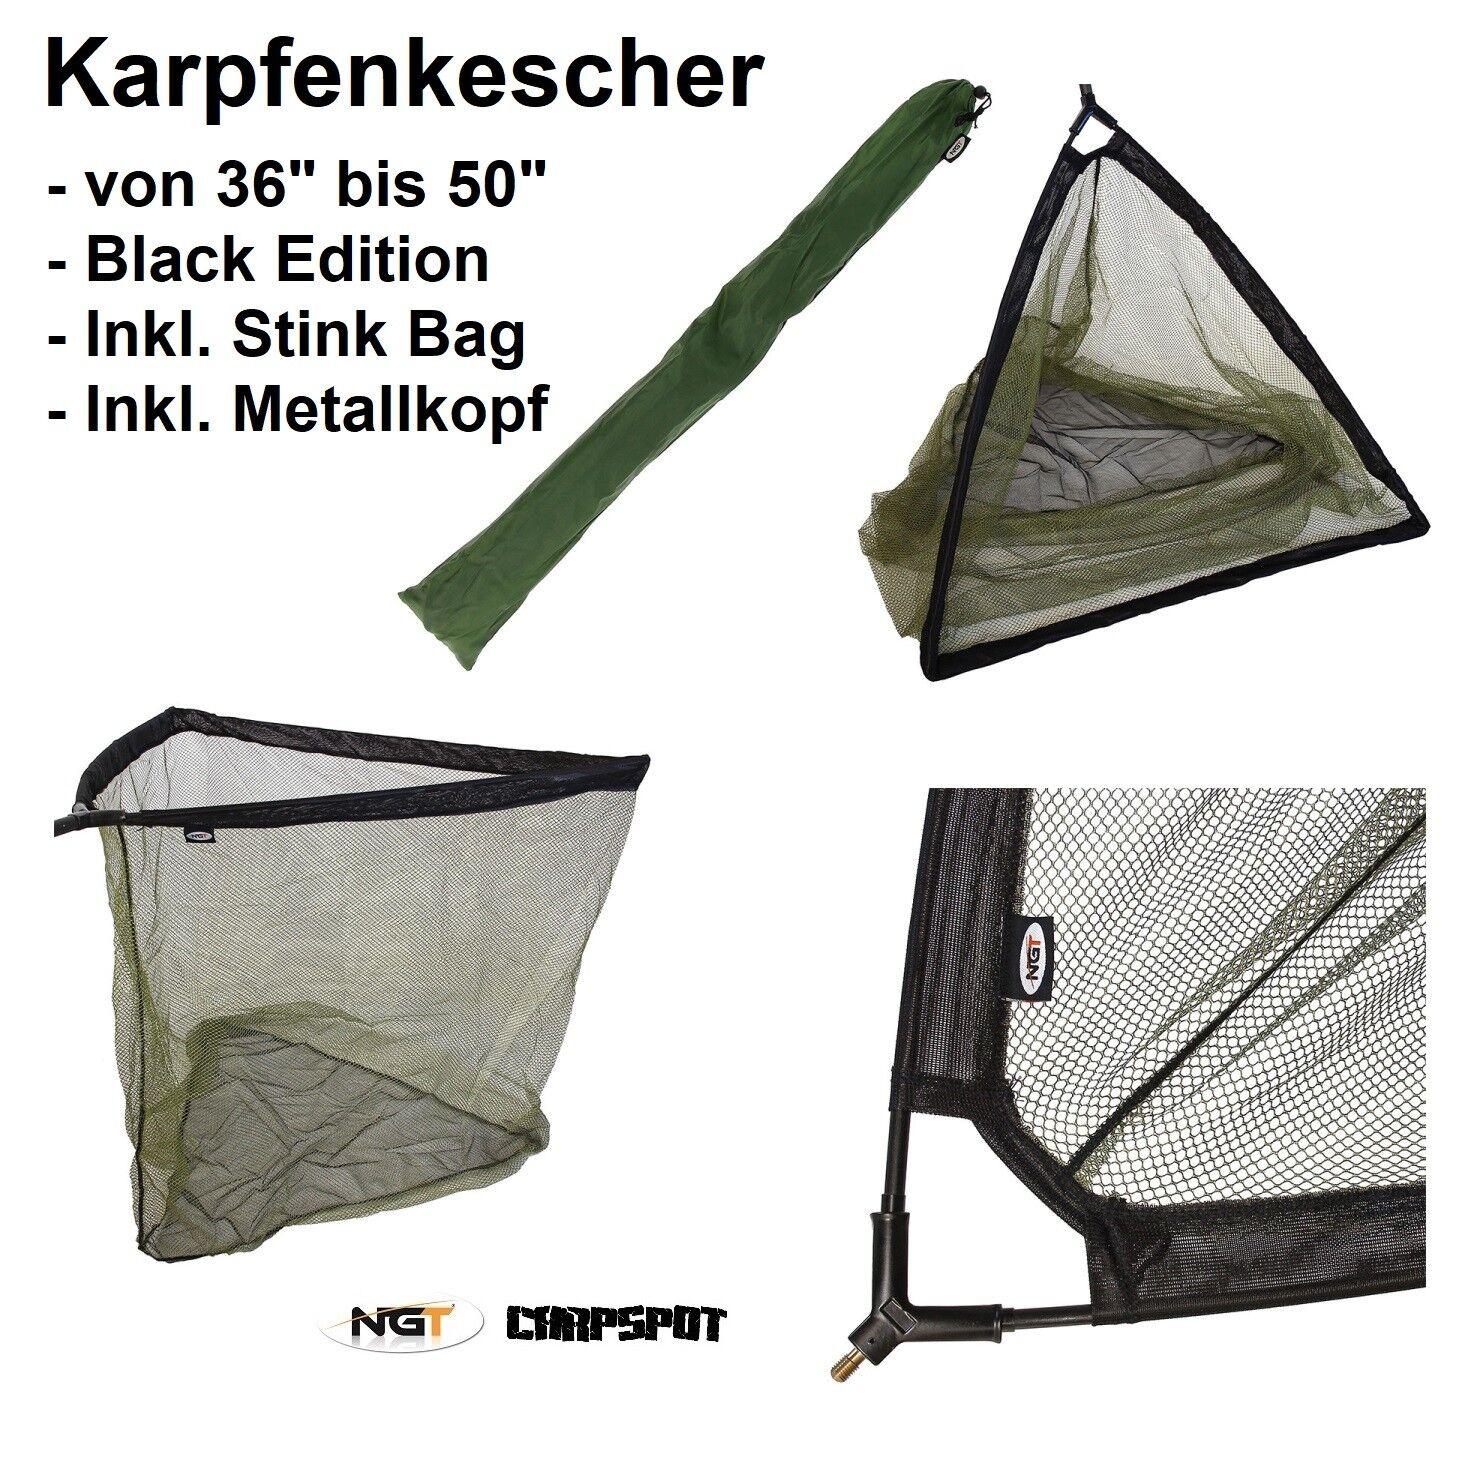 Tasche /& Alu-Stab Angel Setz Kescher inkl PALADIN Fishing Setzkescher 3,50m